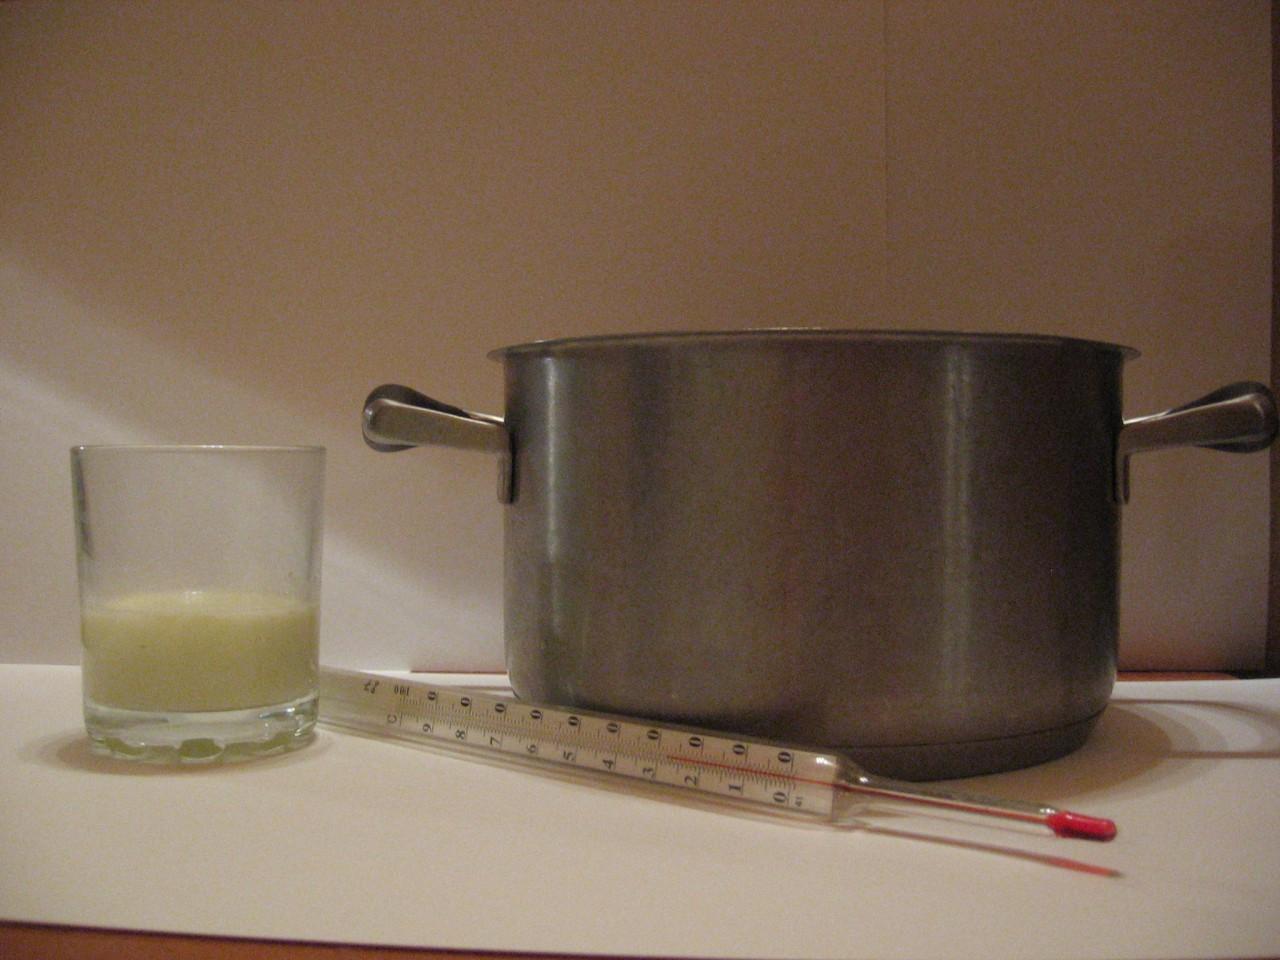 Как уменьшить жирность молока в домашних условиях